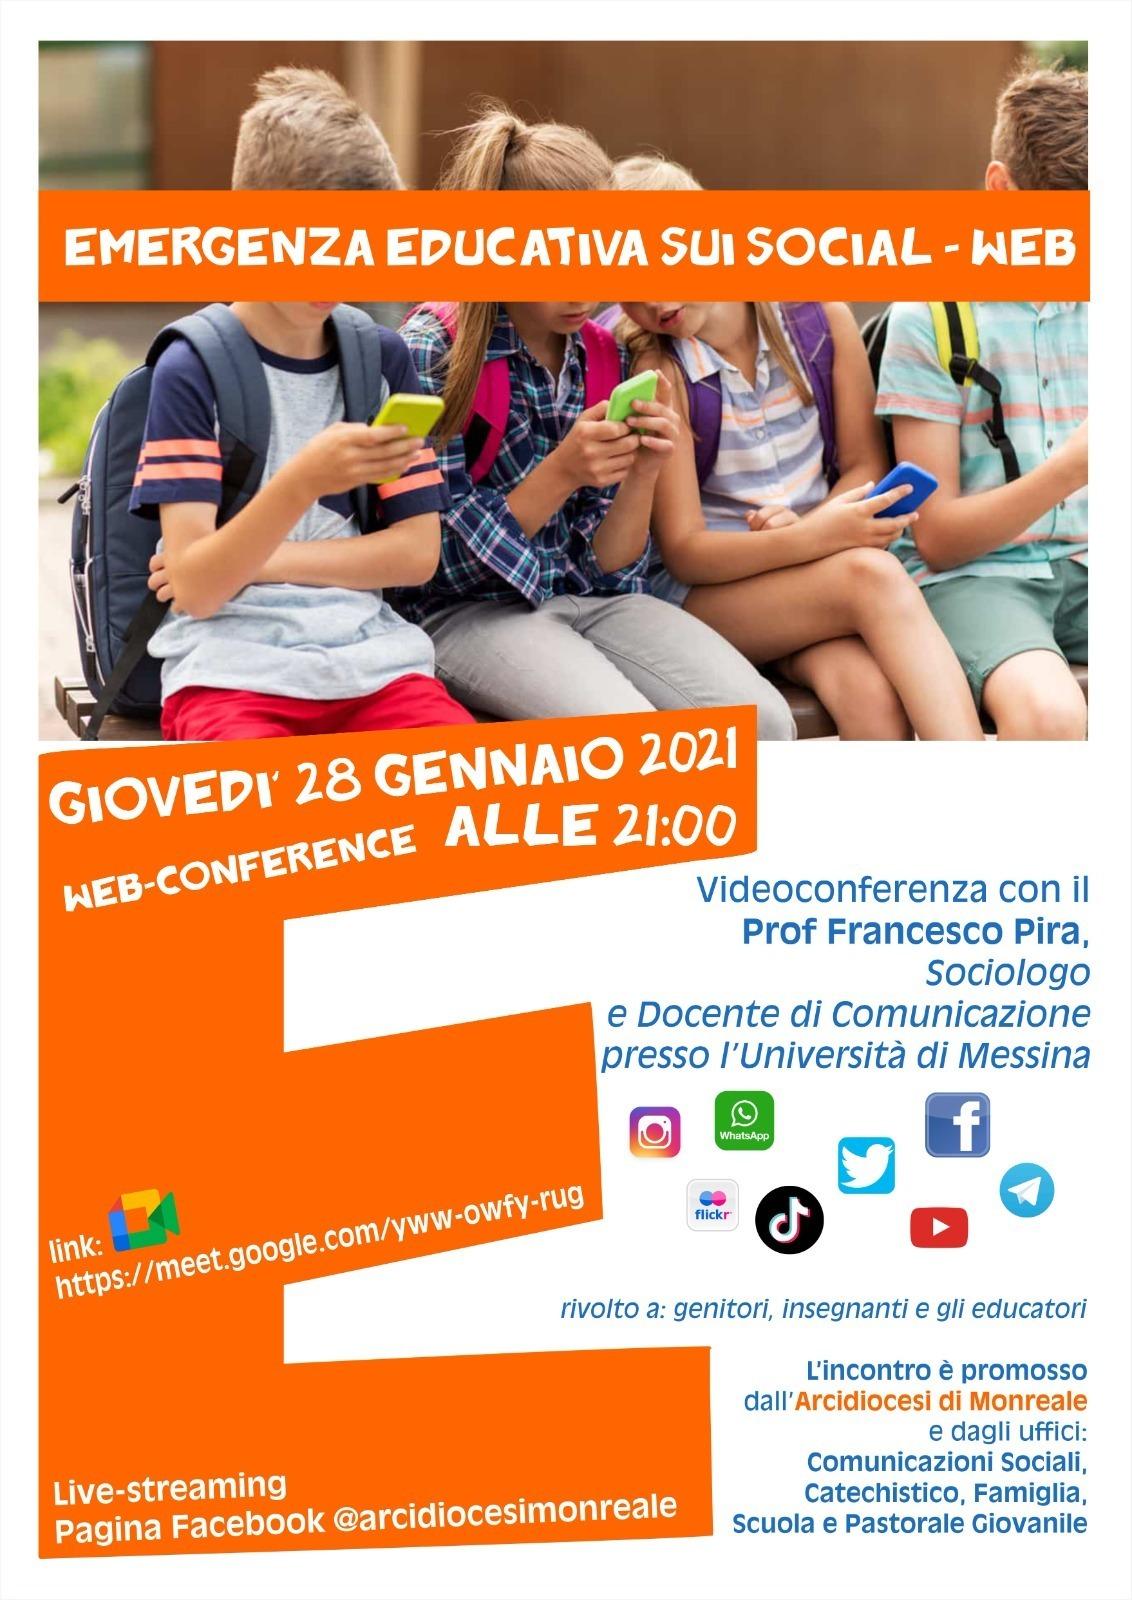 EMERGENZA EDUCATIVA SUI SOCIAL-WEB PER GENITORI, INSEGNANTI ED EDUCATORI.